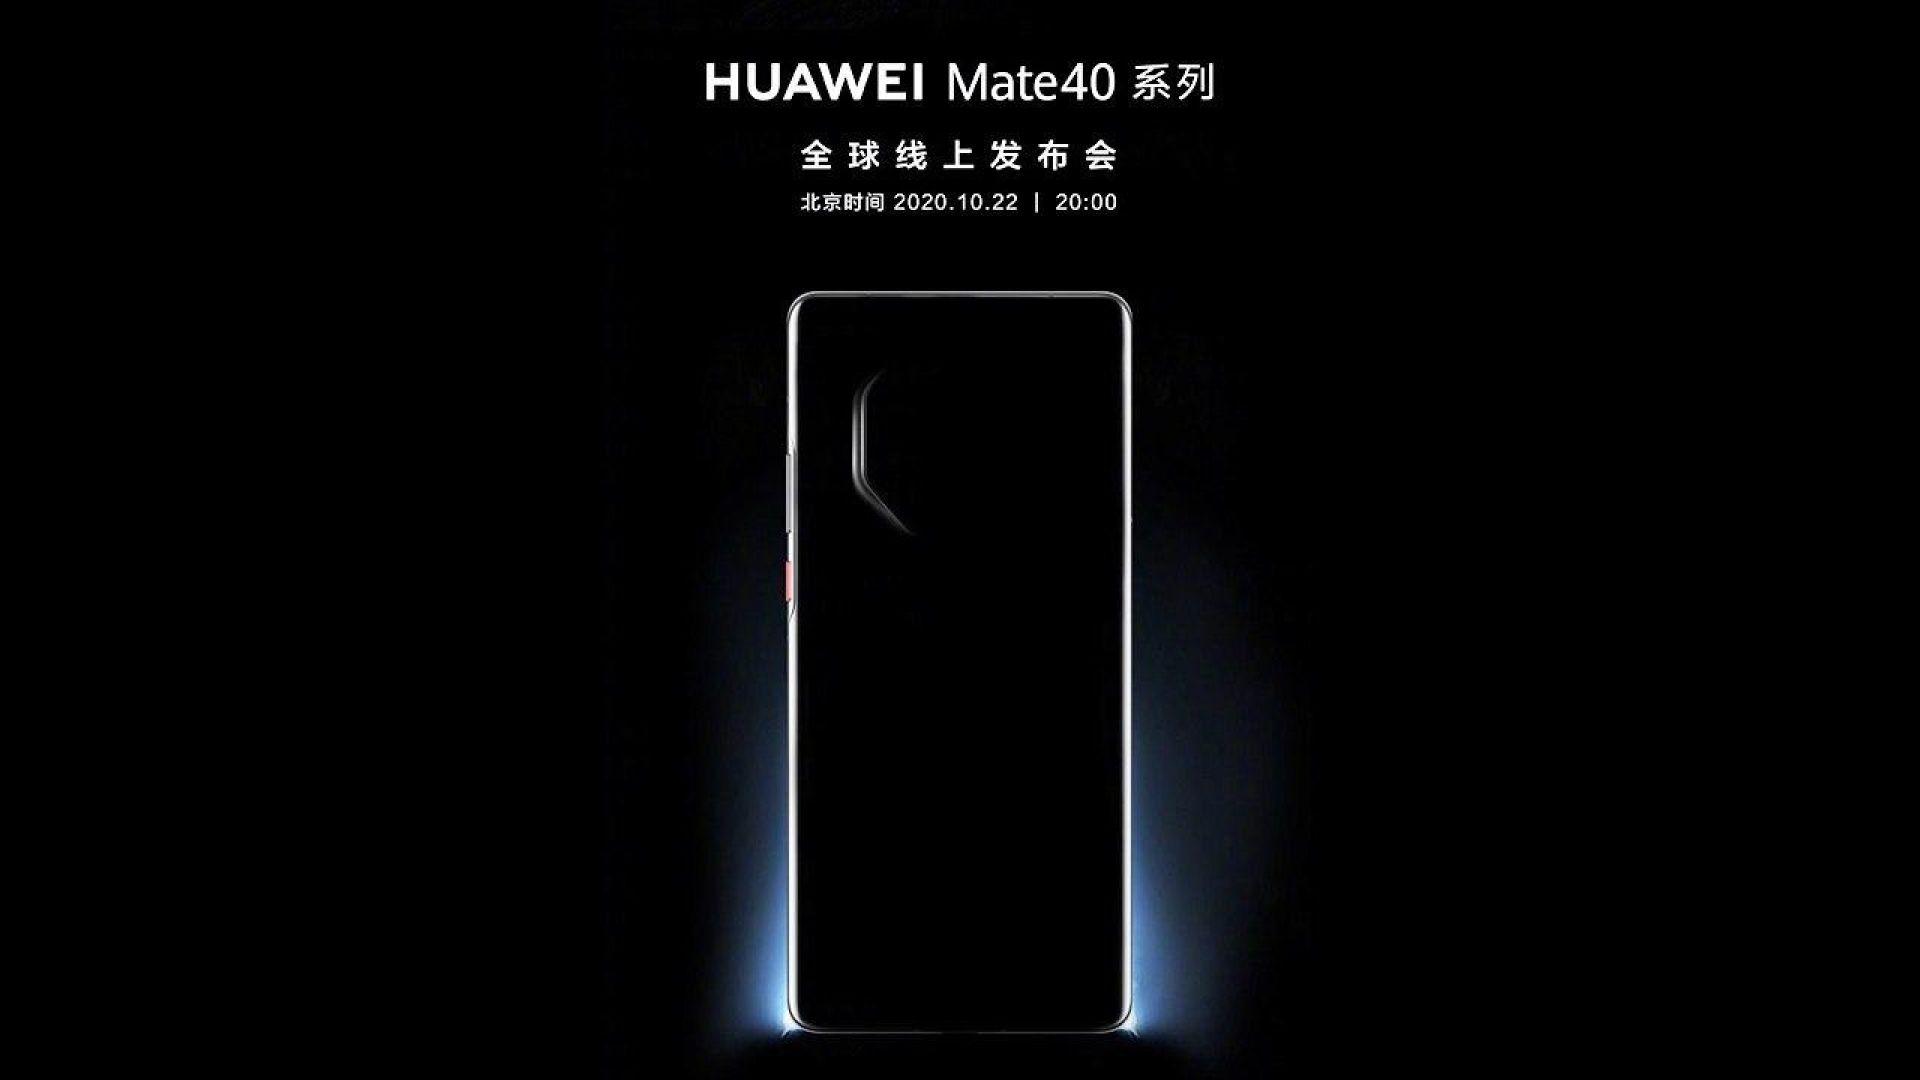 Това е първото официално изображение на модел от серията Huawei Mate 40